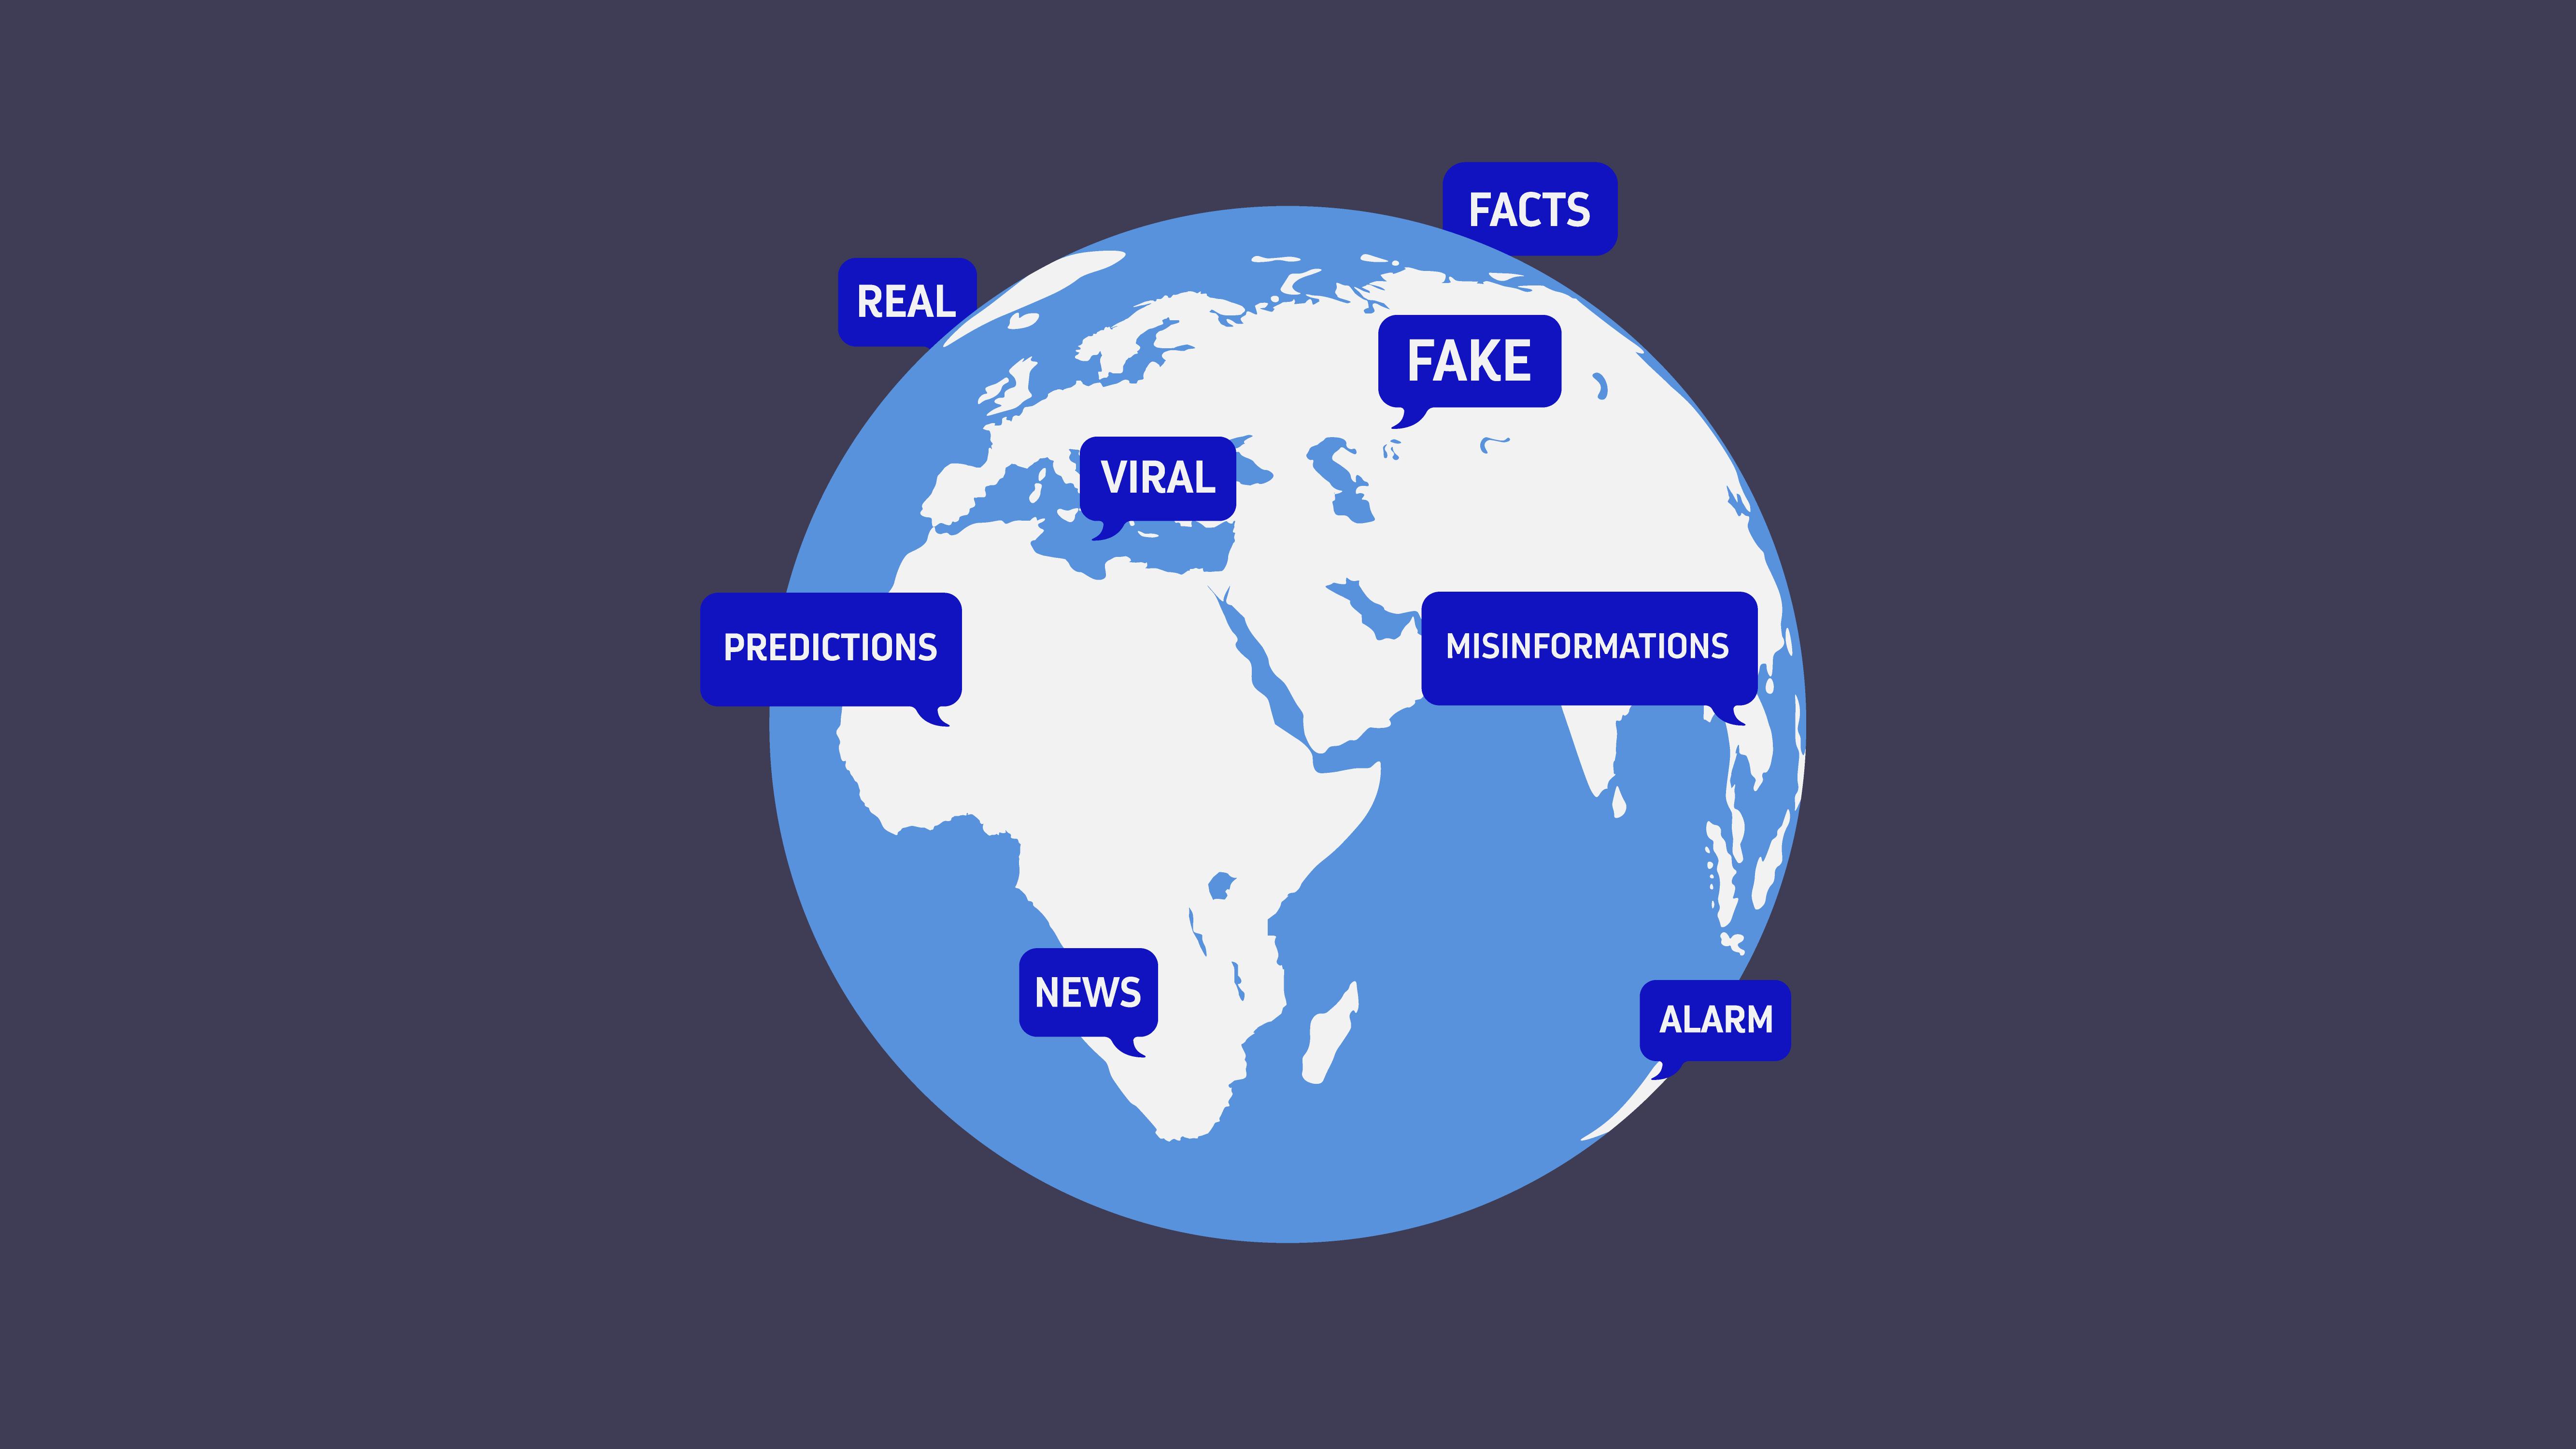 Las redes virales son espacio para fake news también